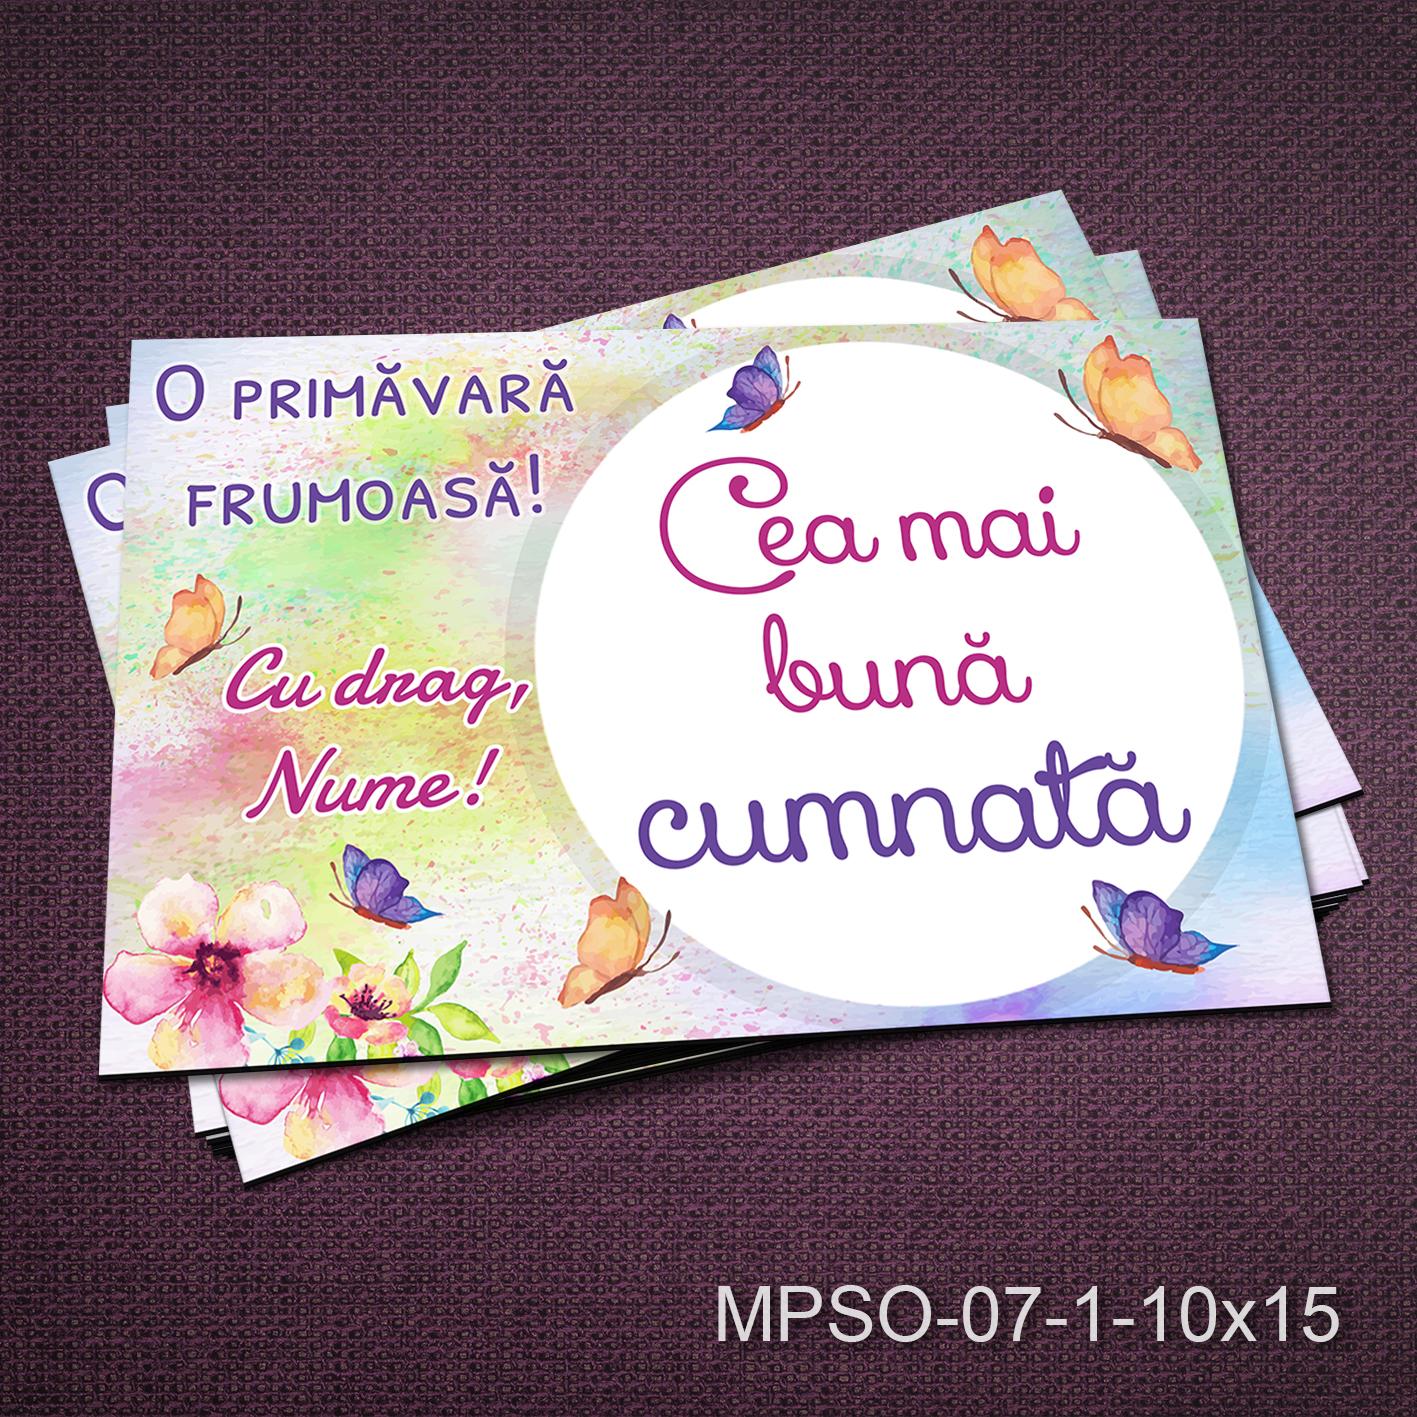 Felicitare magnetica - cea mai buna cumnata - MPSO-07-1-10x15